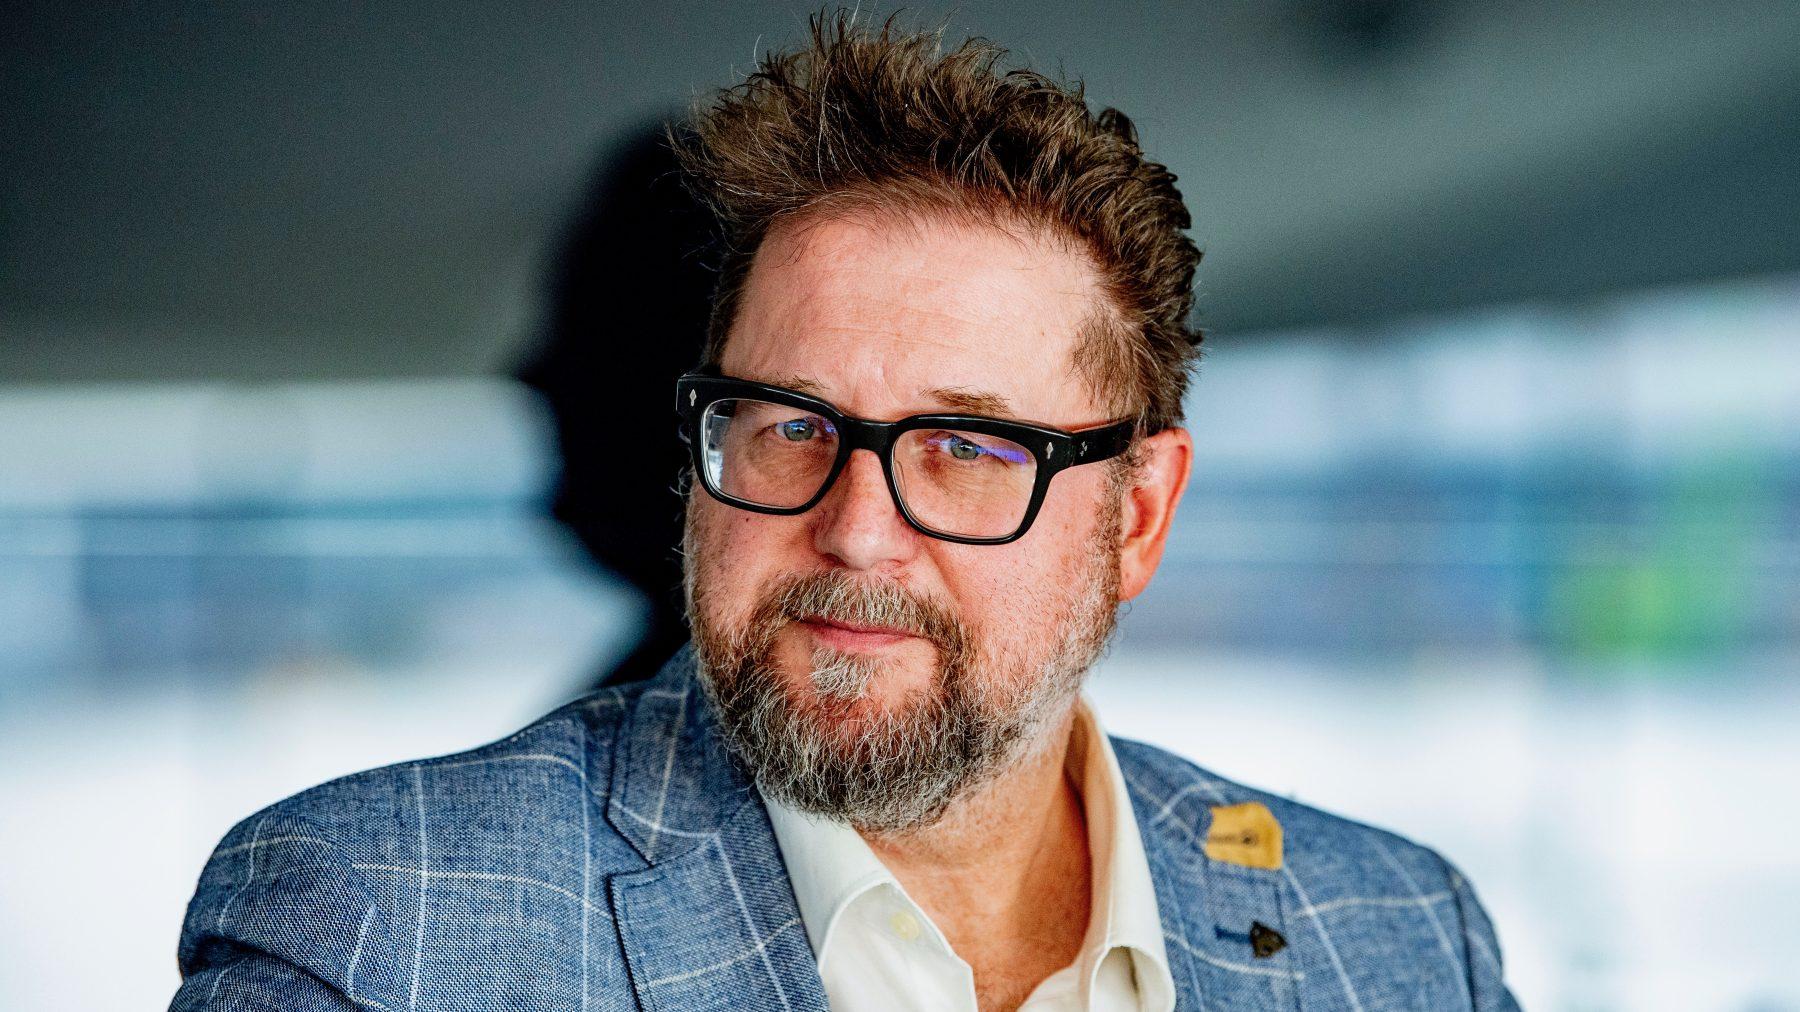 Martin Koolhoven geïrriteerd door vraag over naakt in Nederlandse films: 'Ik wil bijna ophangen'